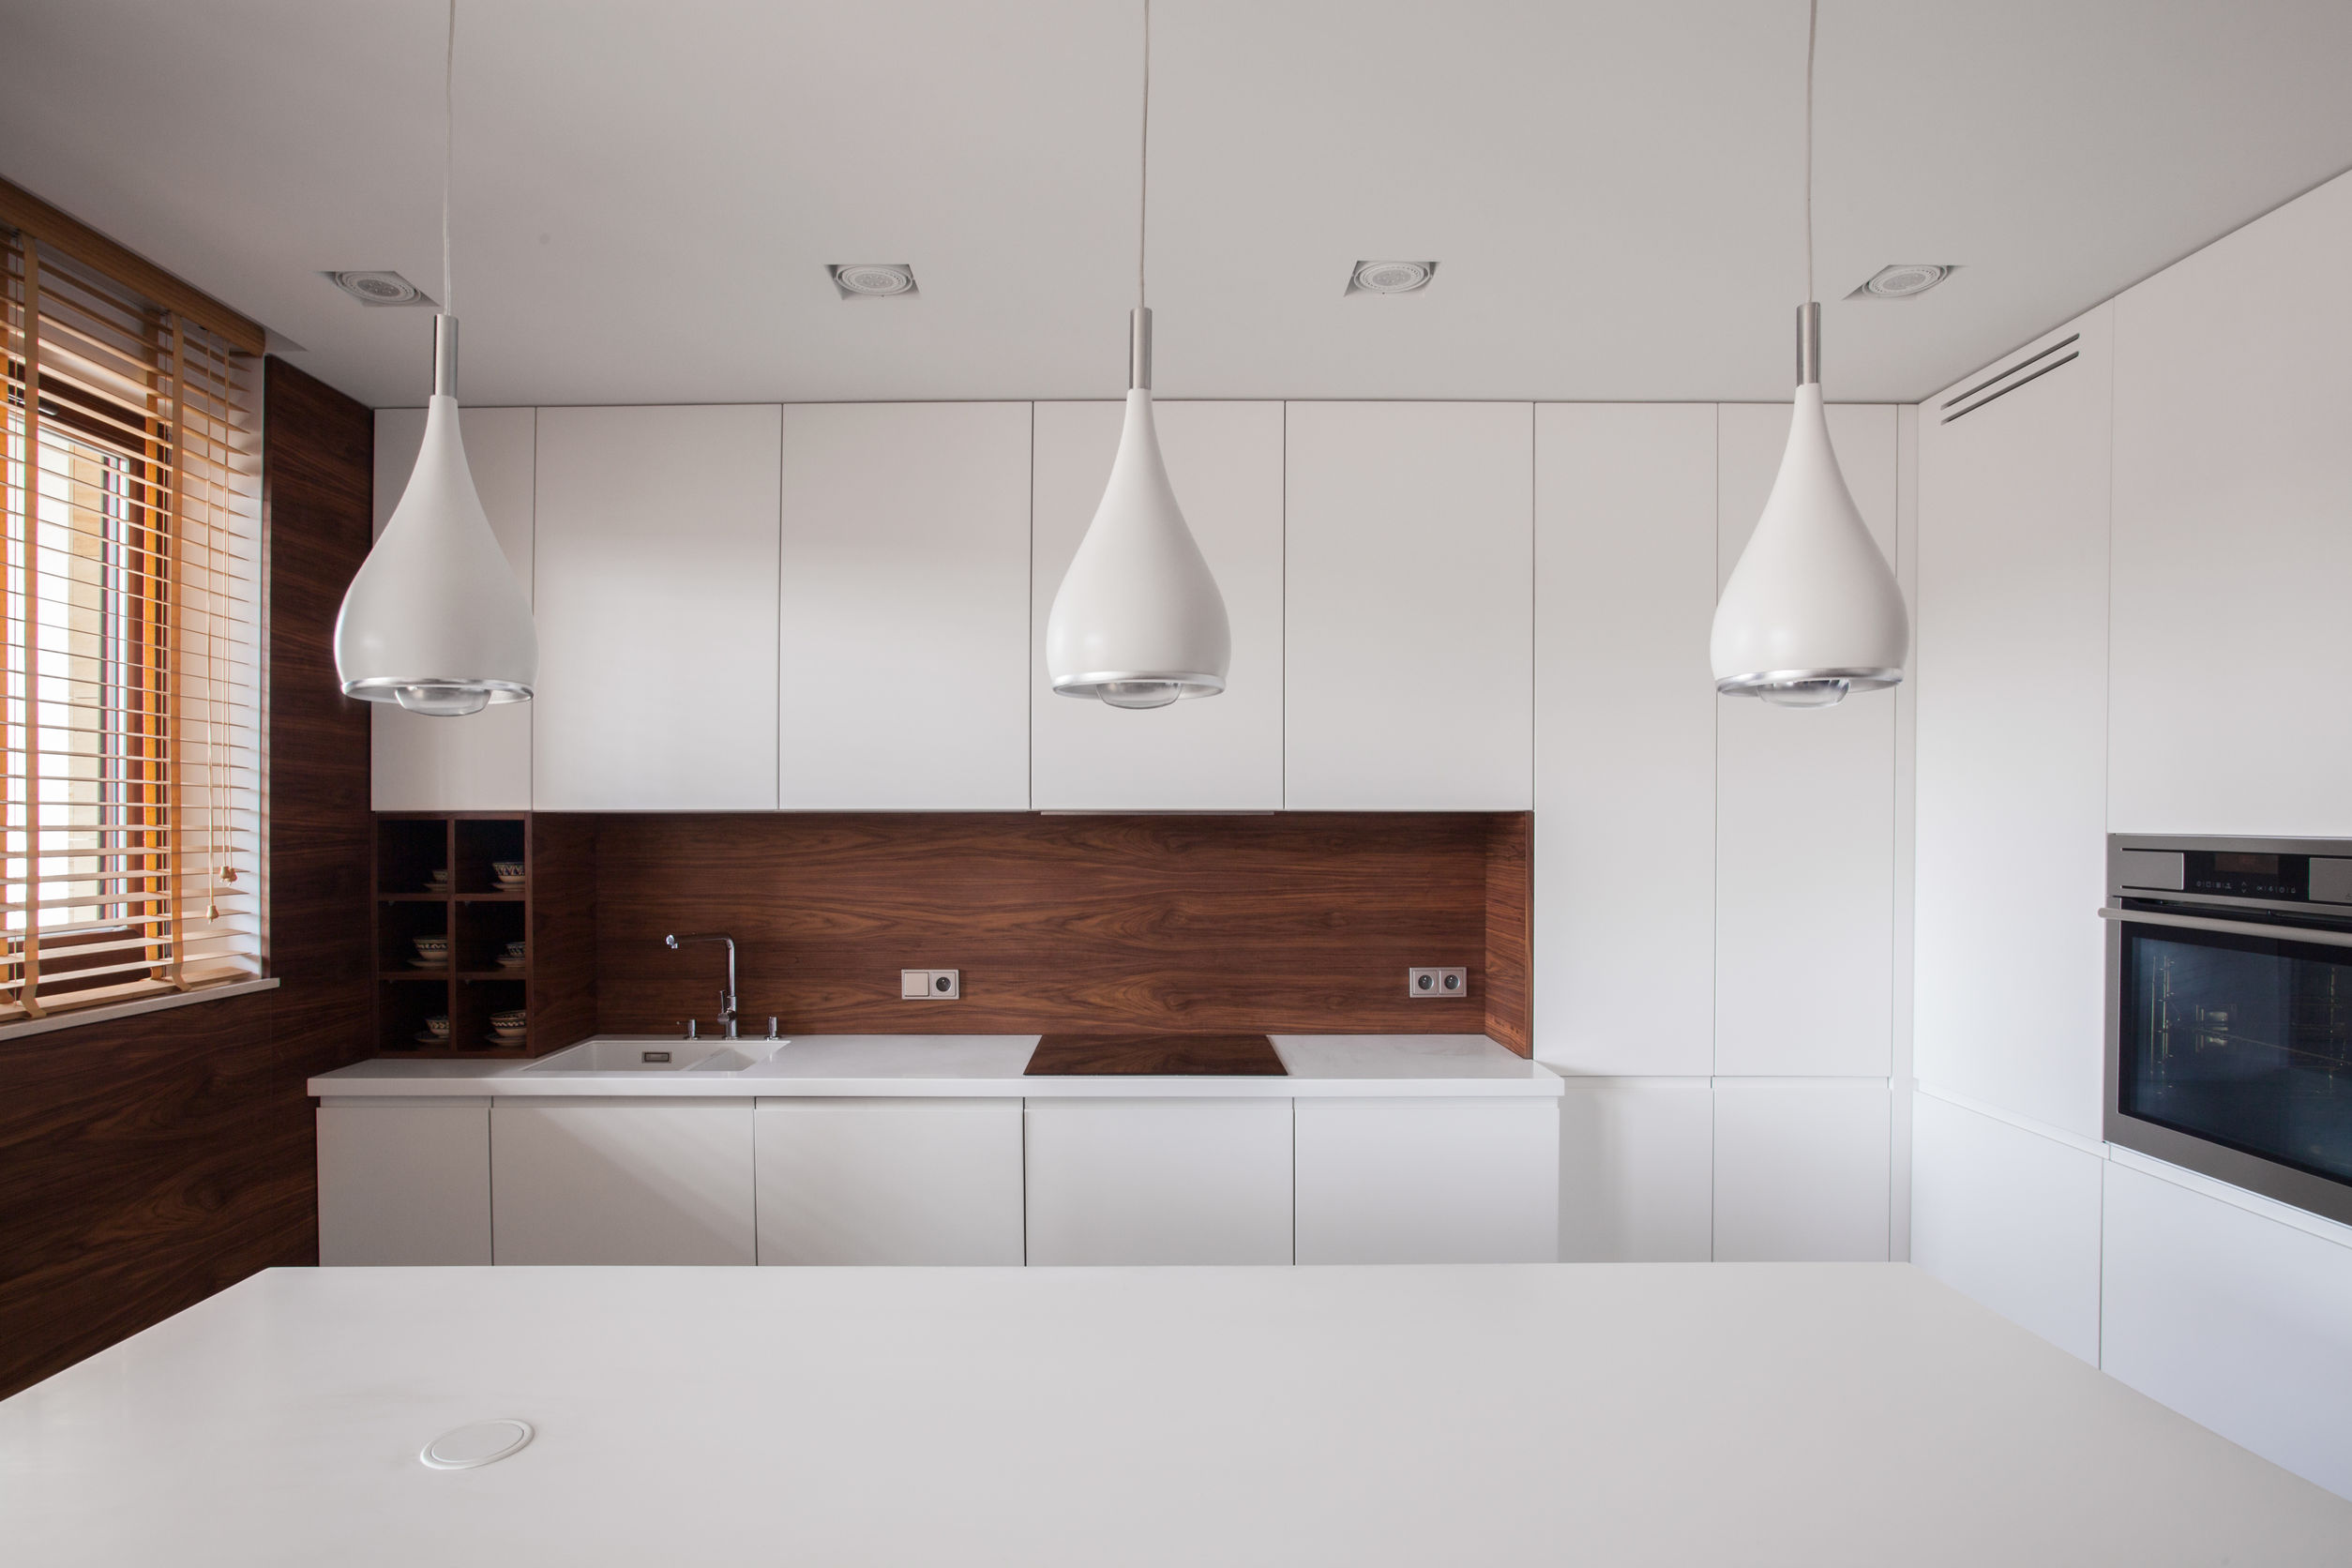 Full Size of Küchenlampen Kchenlampe Led Test Empfehlungen 04 20 Einrichtungsradar Wohnzimmer Küchenlampen